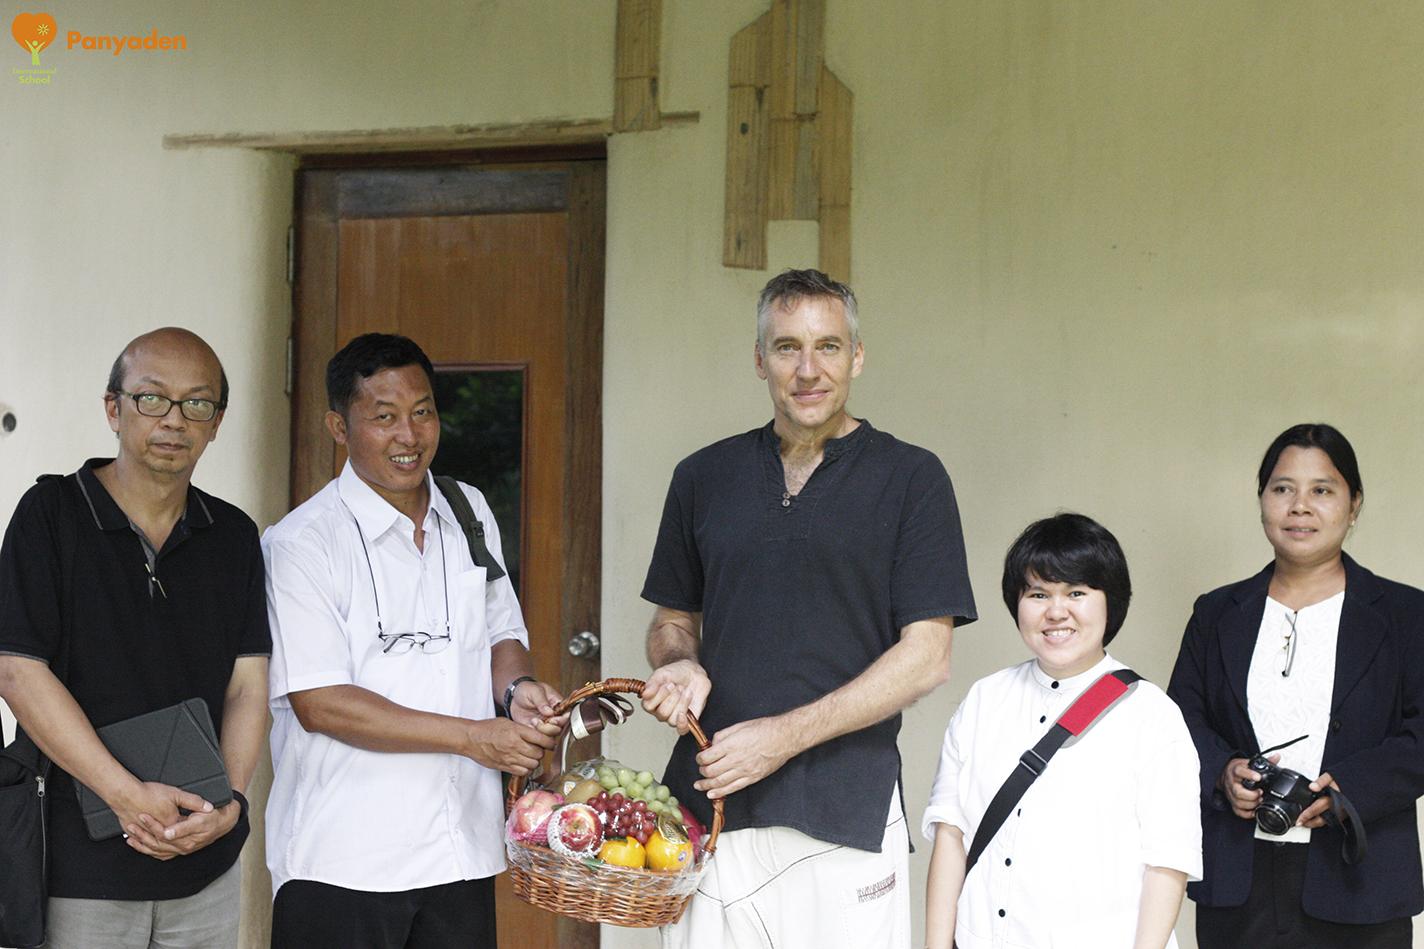 UNESCO Myanmar visits Panyaden